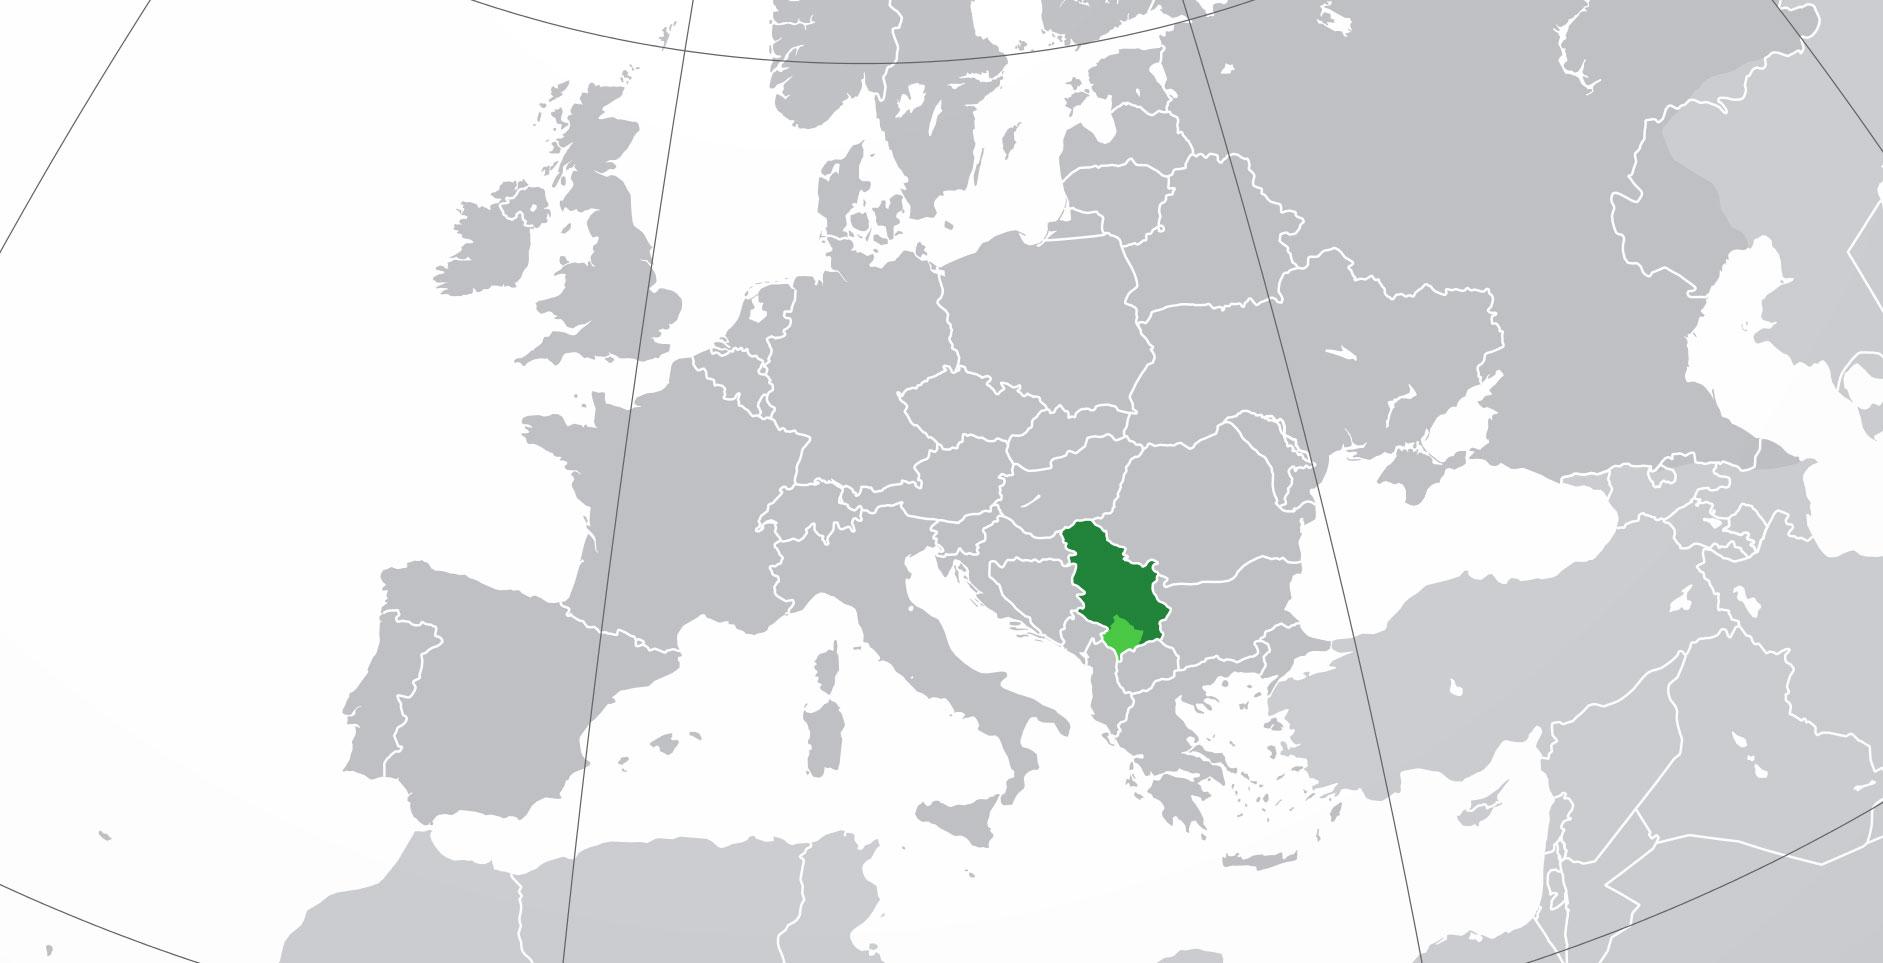 Localización geográfica de Serbia